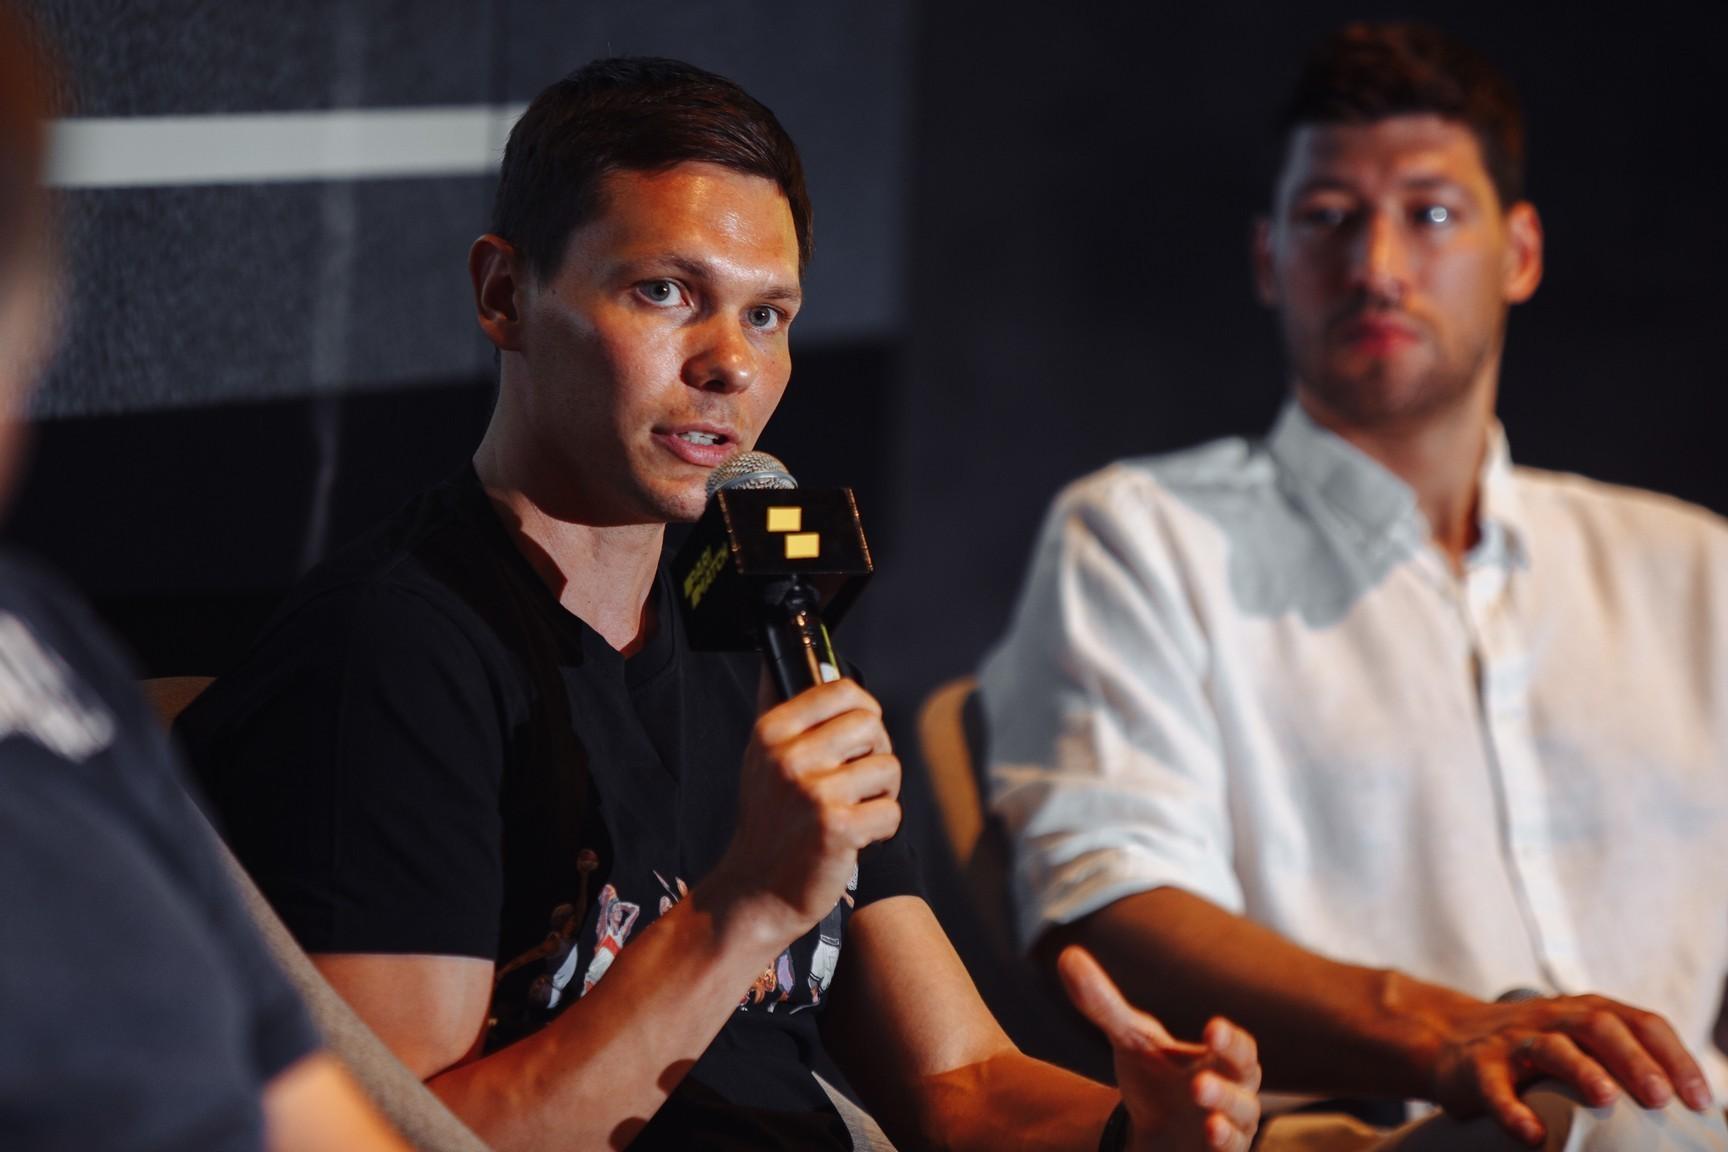 Дмитро Smoove Кривенко: сезон Суперліги був цікавим і видовищним — шоутайму вистачало